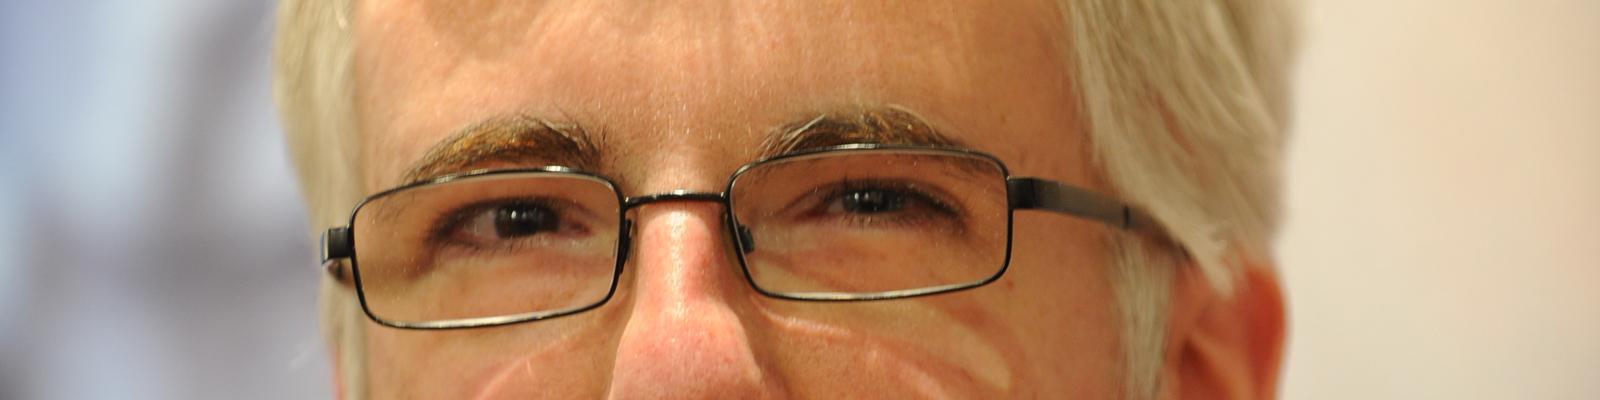 Christian Humberg, der Geek schlechthin, aufgenommen am 15.10.2011 auf der 63. Frankfurter Buchmesse in Frankfurt am Main.